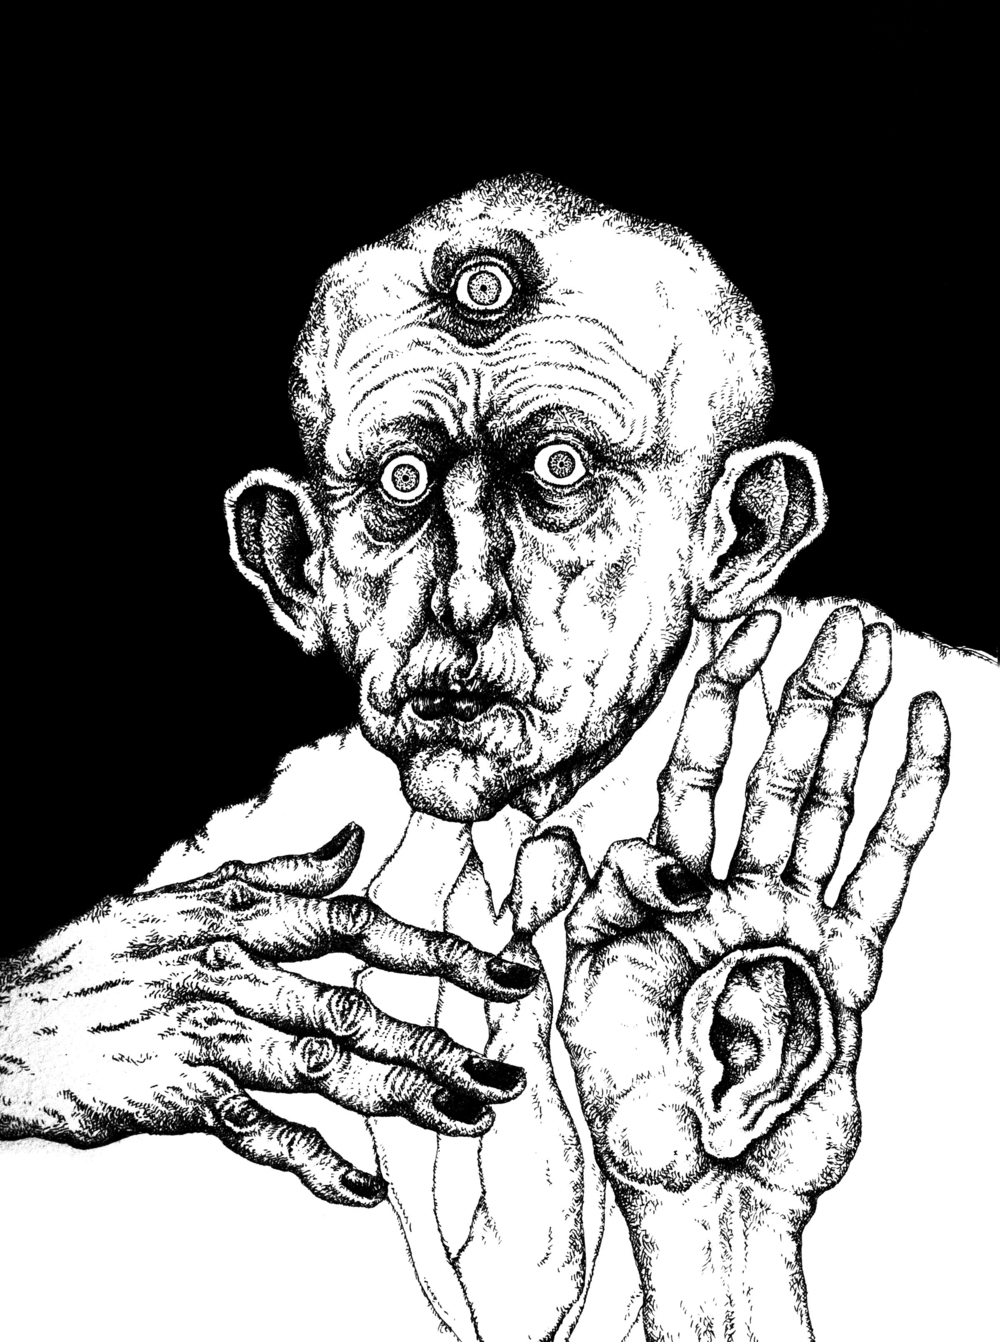 Cyclops  Pen & Ink on Paper, 11x14 2013